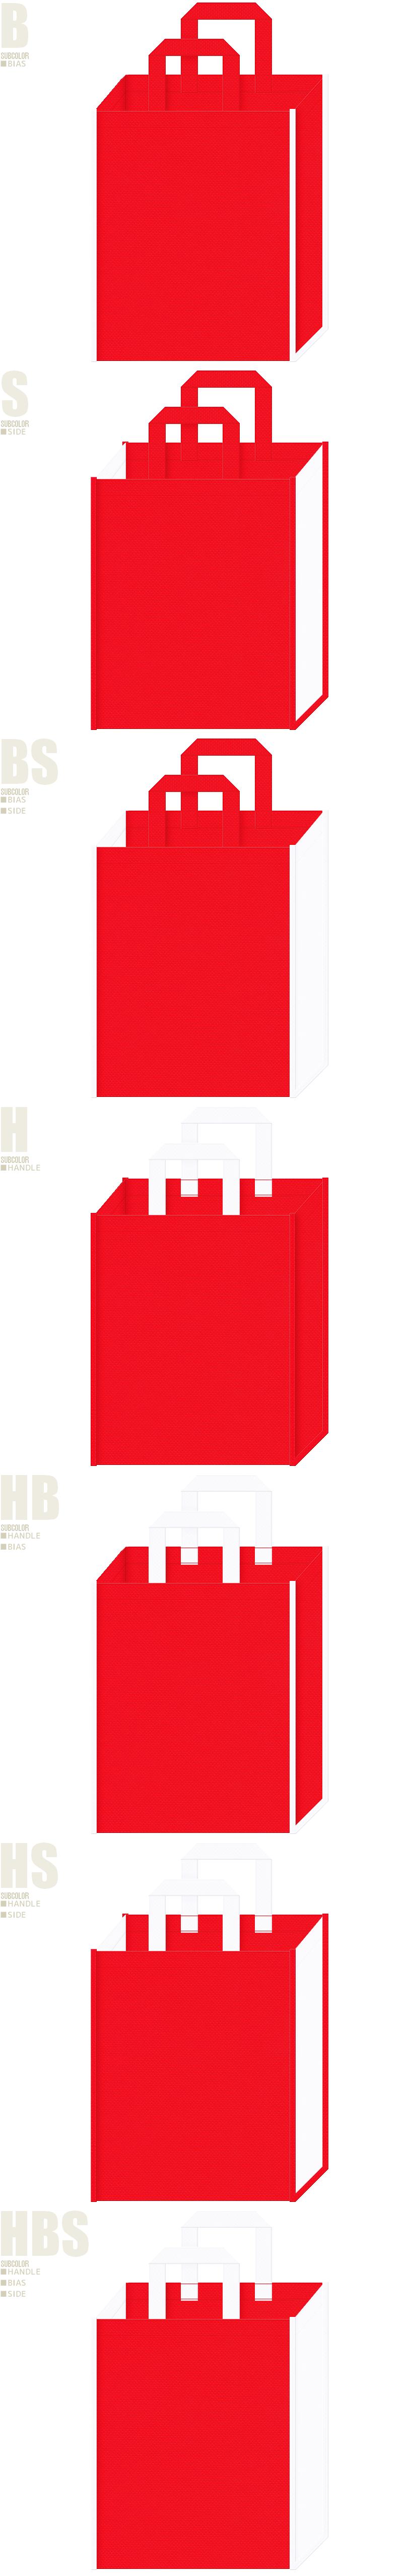 サンタクロース・ショートケーキ・クリスマスのイメージにお奨めの不織布バッグデザイン:赤色と白色の配色7パターン